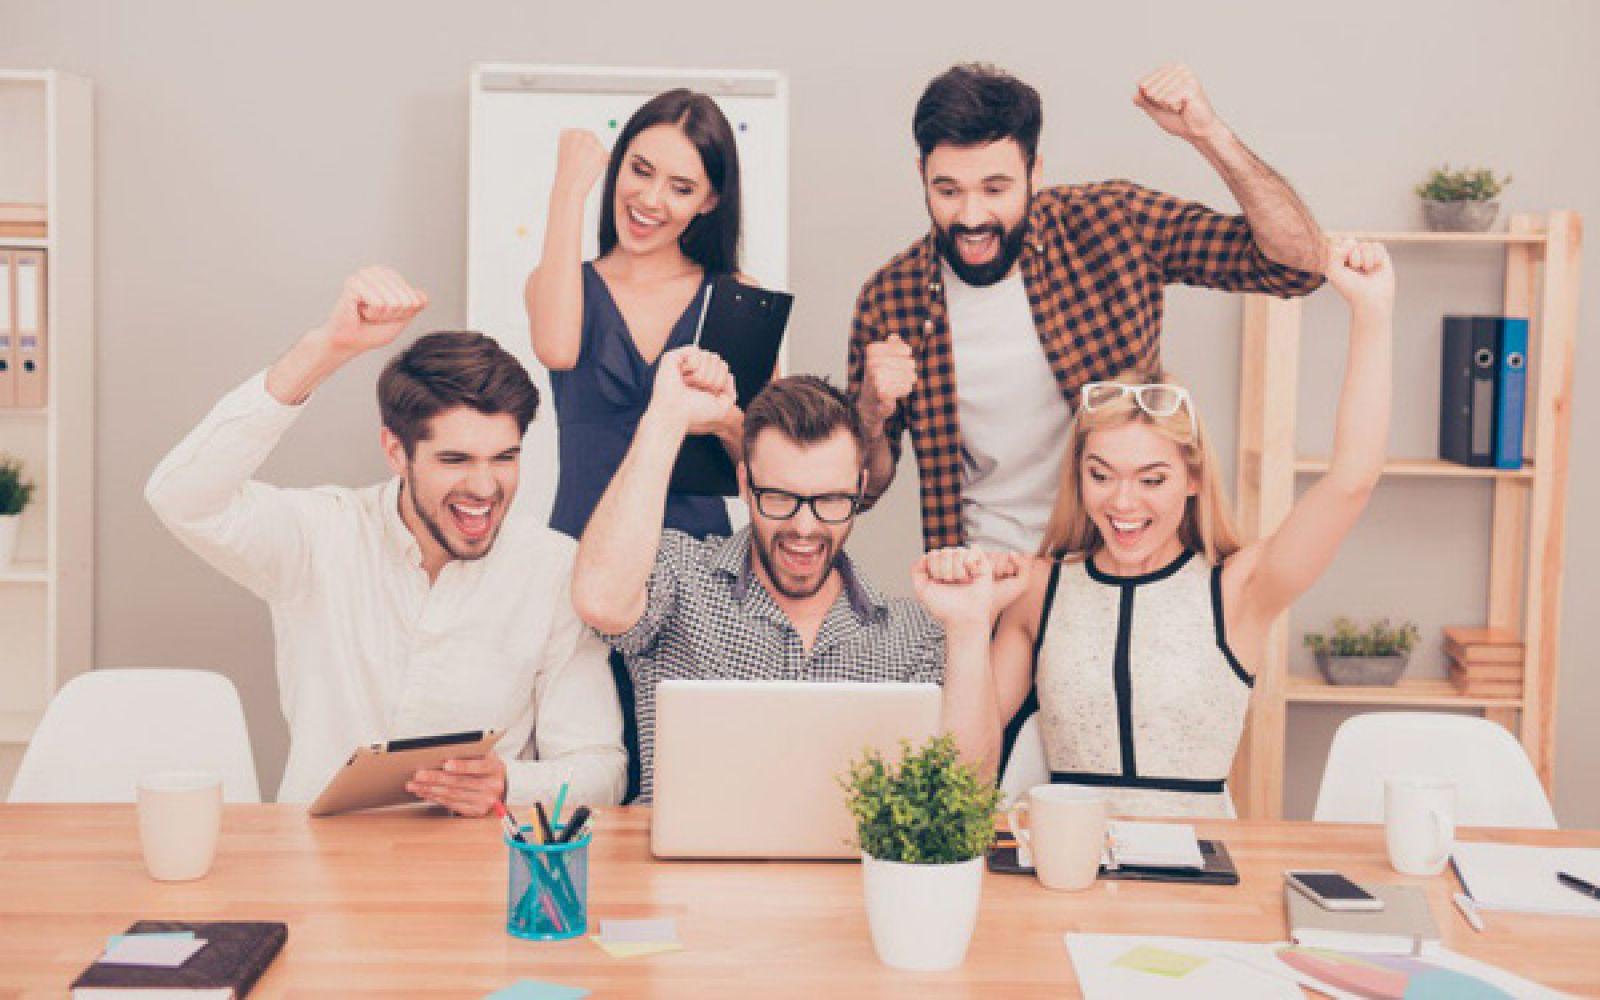 Làm sao để trở thành đồng nghiệp điểm 10 trong mắt bạn bè công sở?